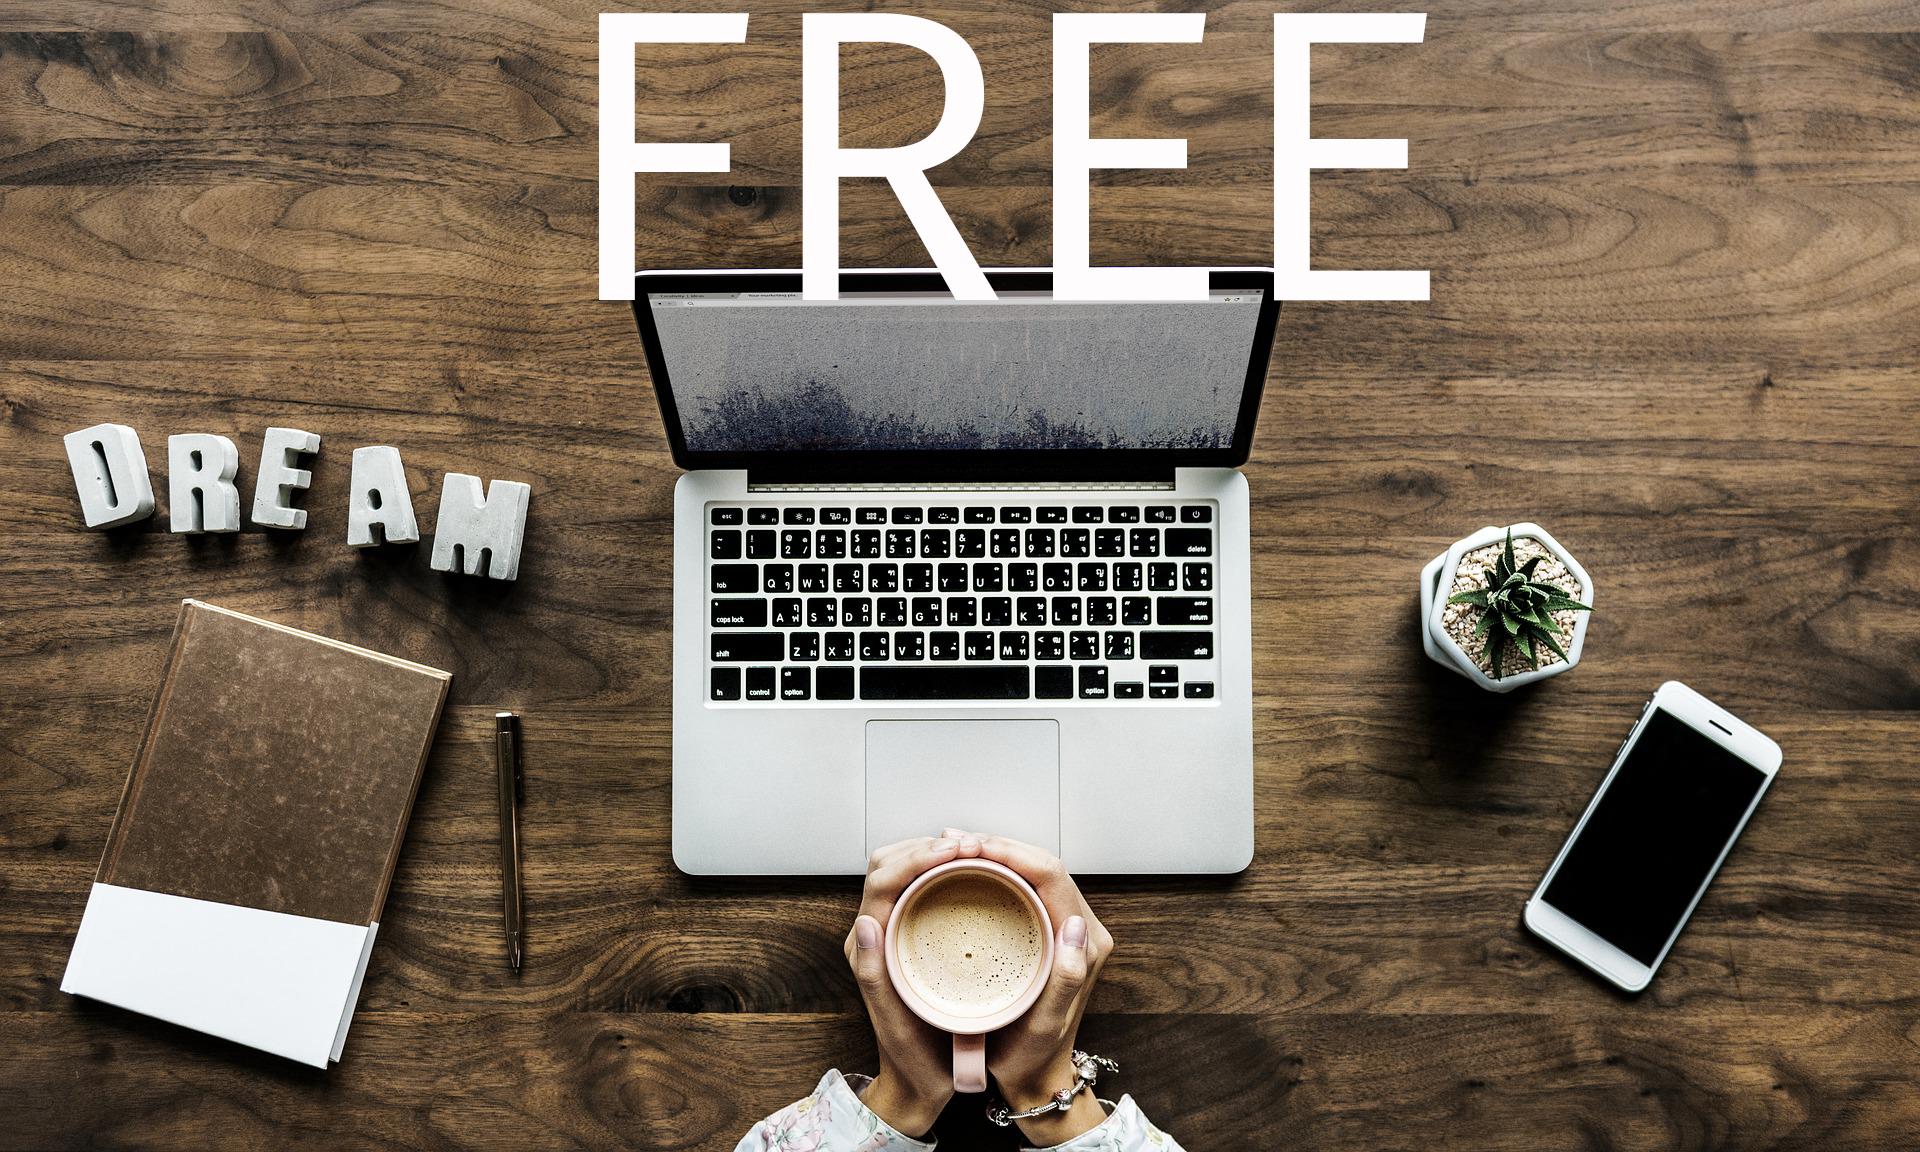 ahol megtanul kereskedni lehet-e pénzt keresni az internetes forgalomban?